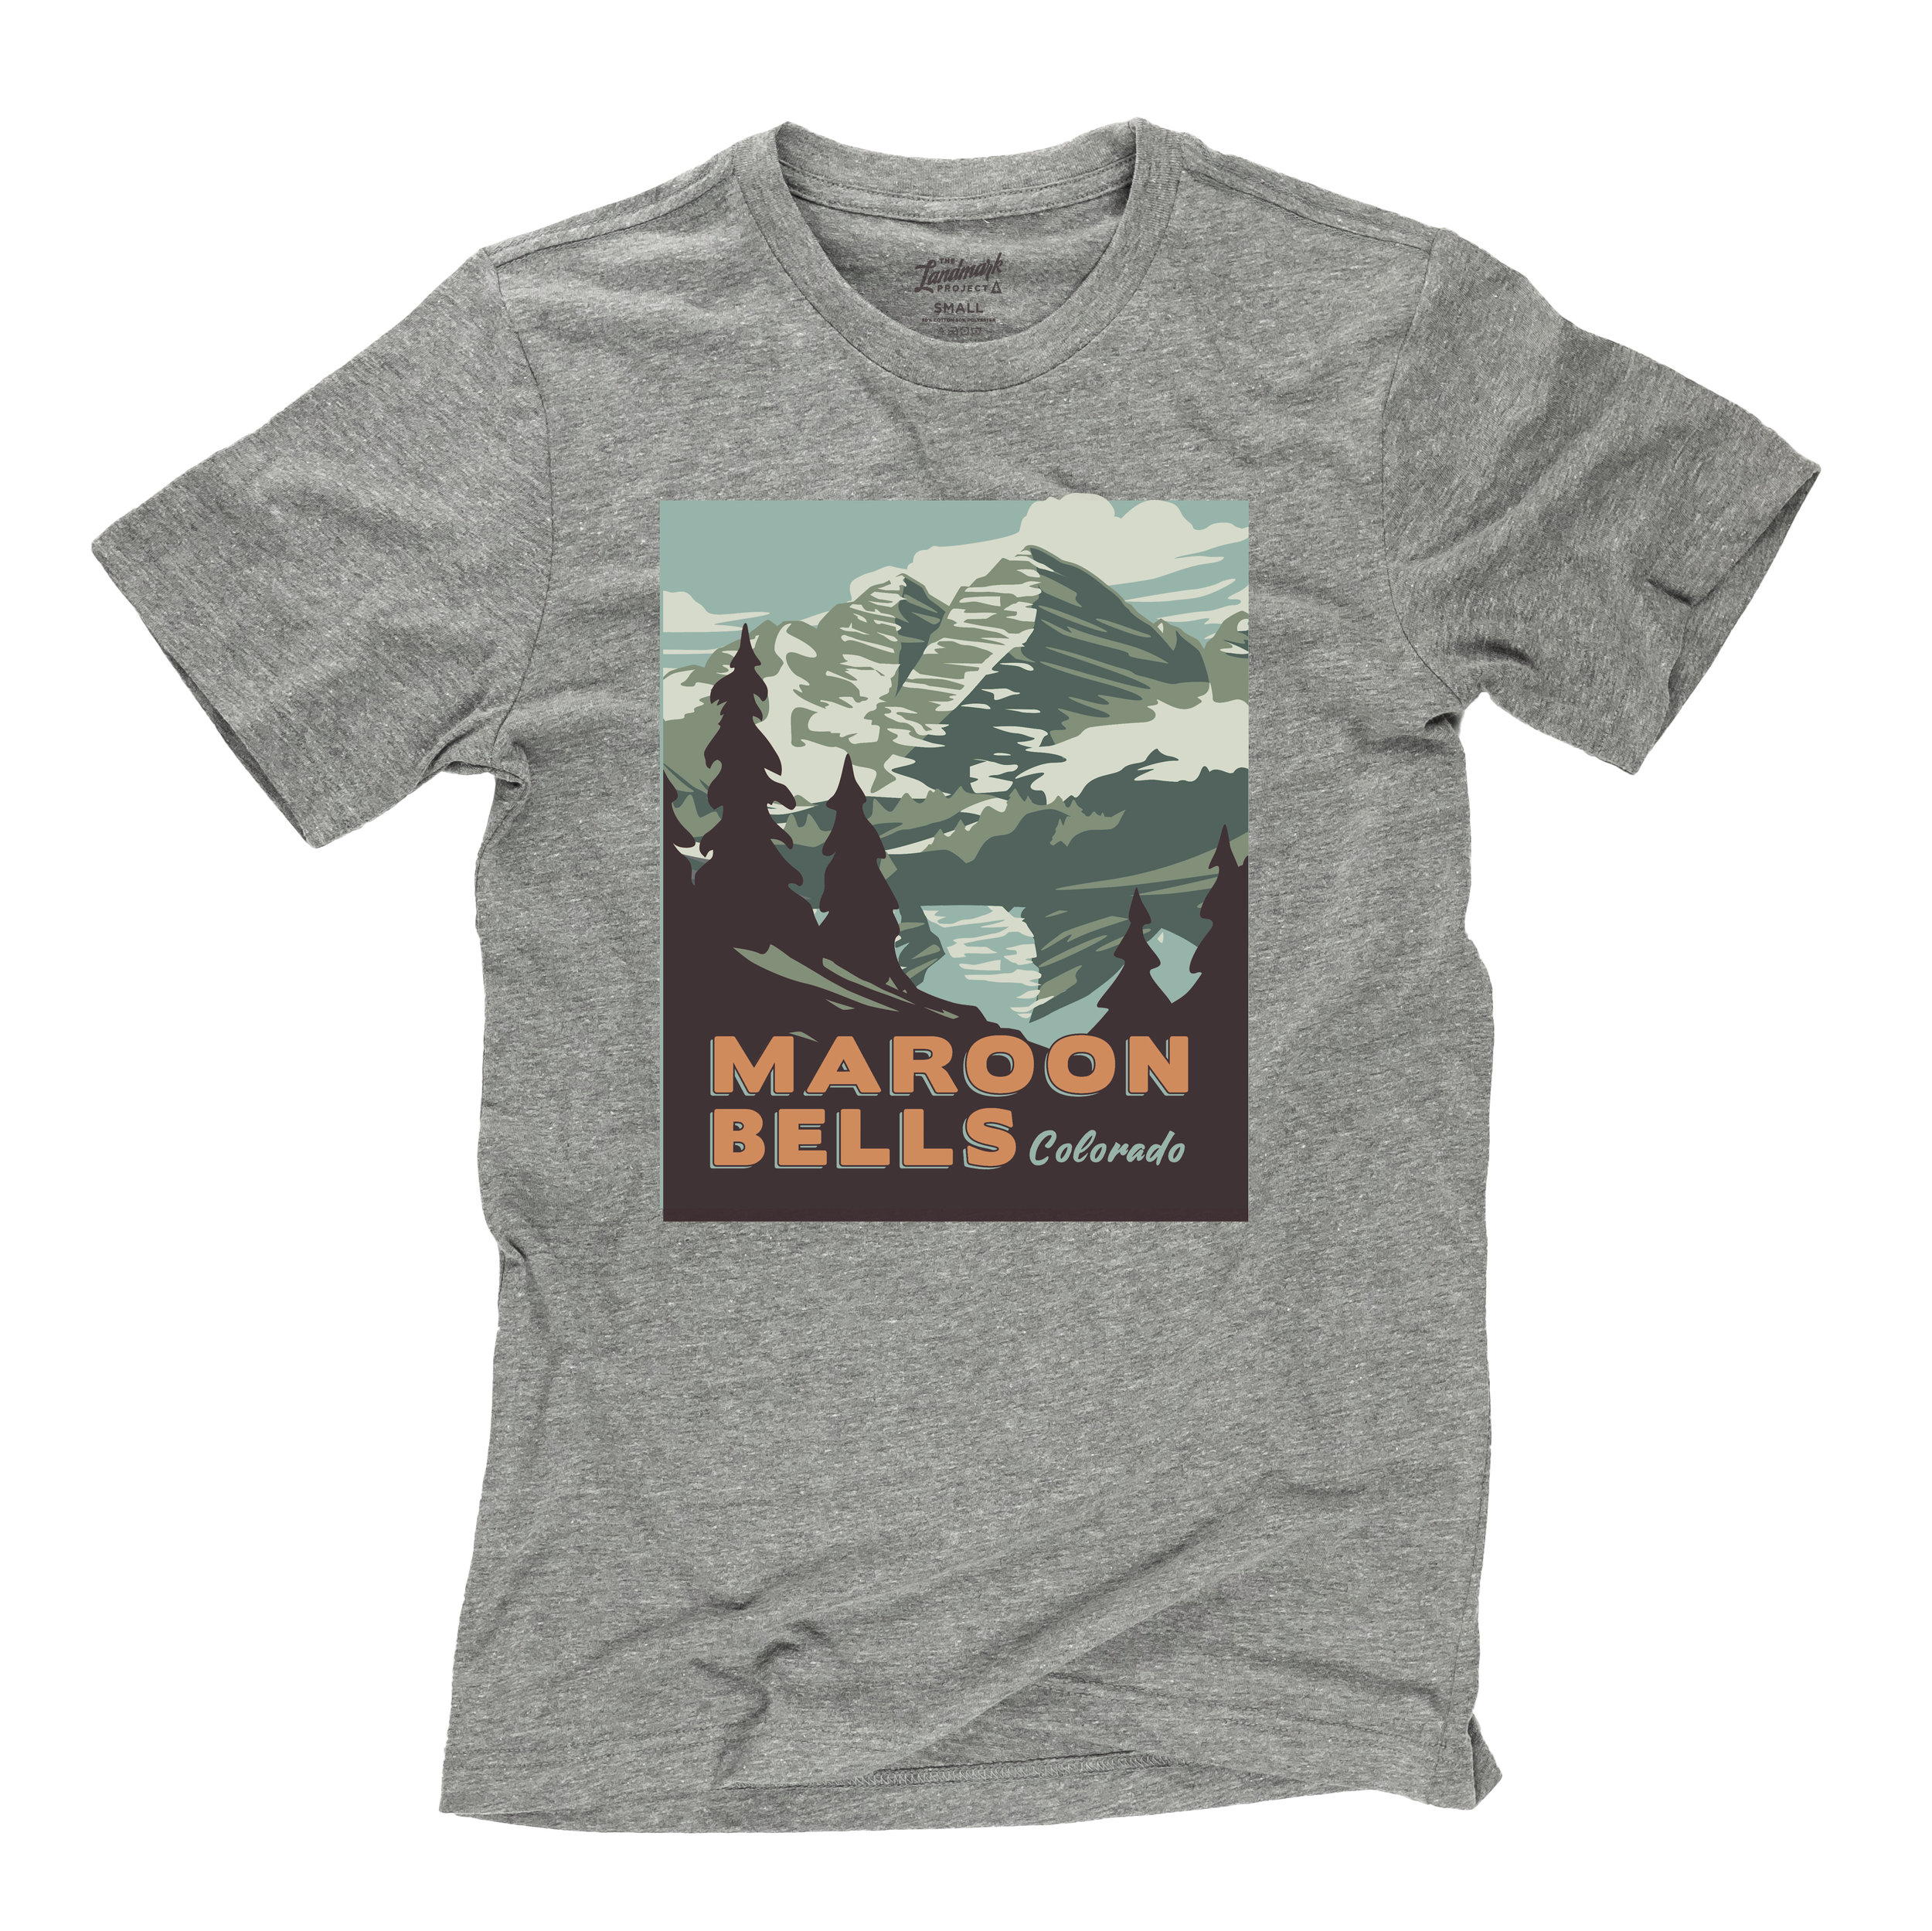 maroon-bells-smoke-grey.jpg